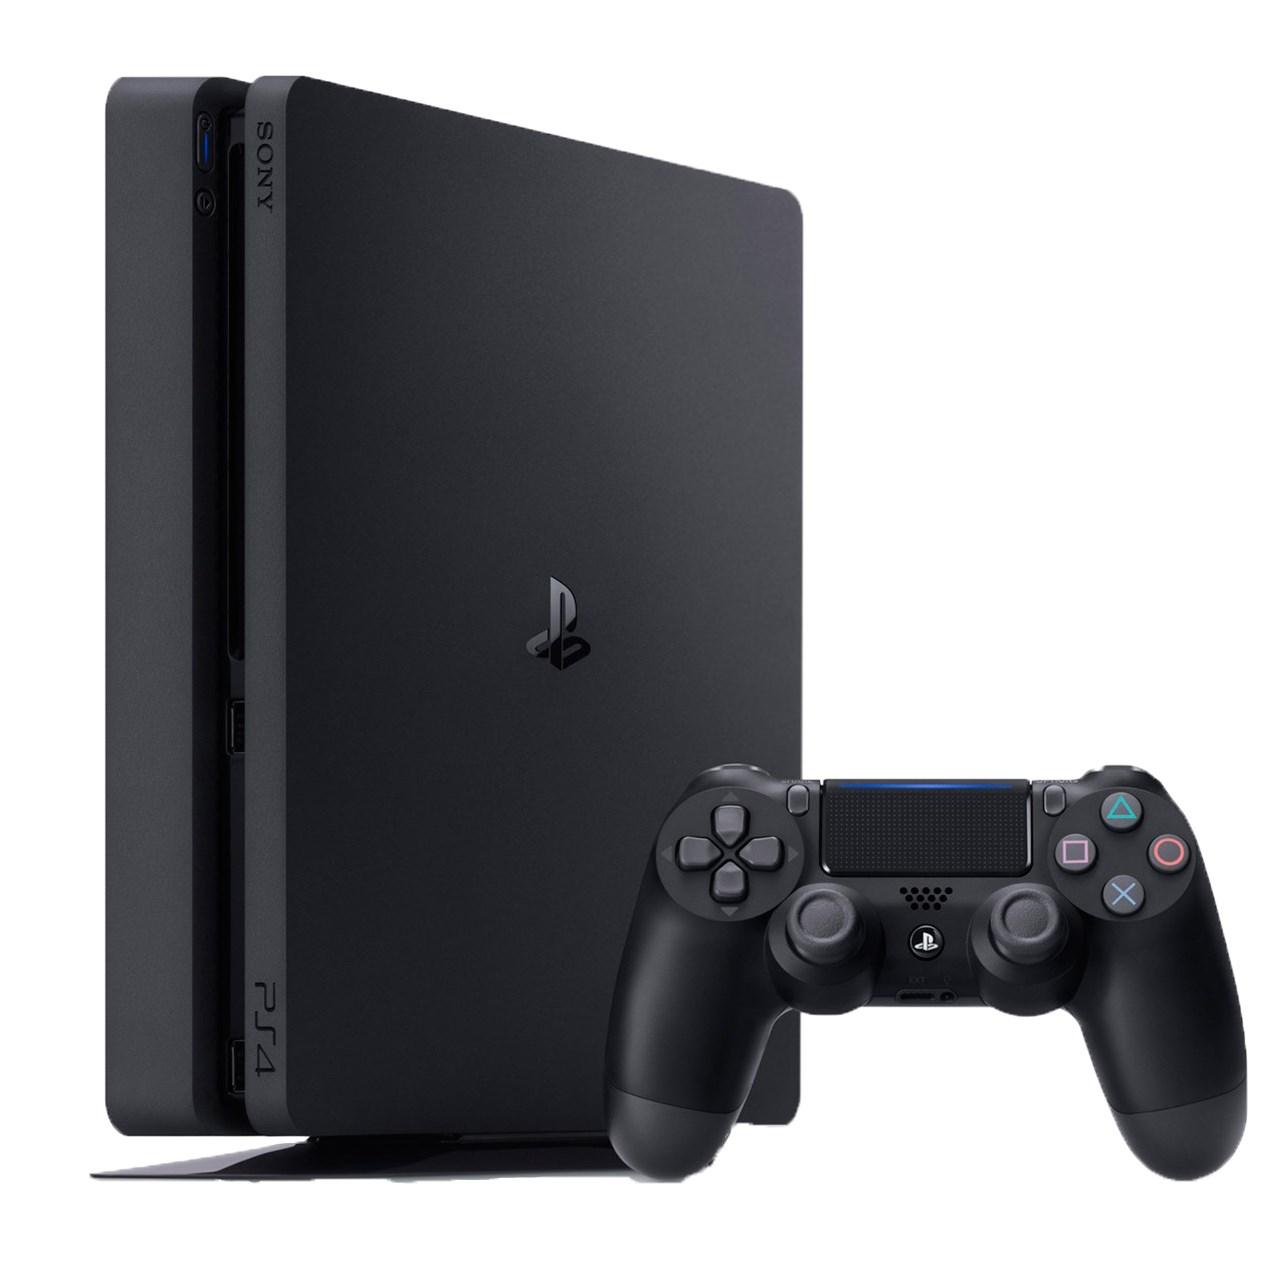 کنسول بازی سونی مدل Playstation 4 Slim کد CUH-2106A Region 3 - ظرفیت 500 گیگابایت